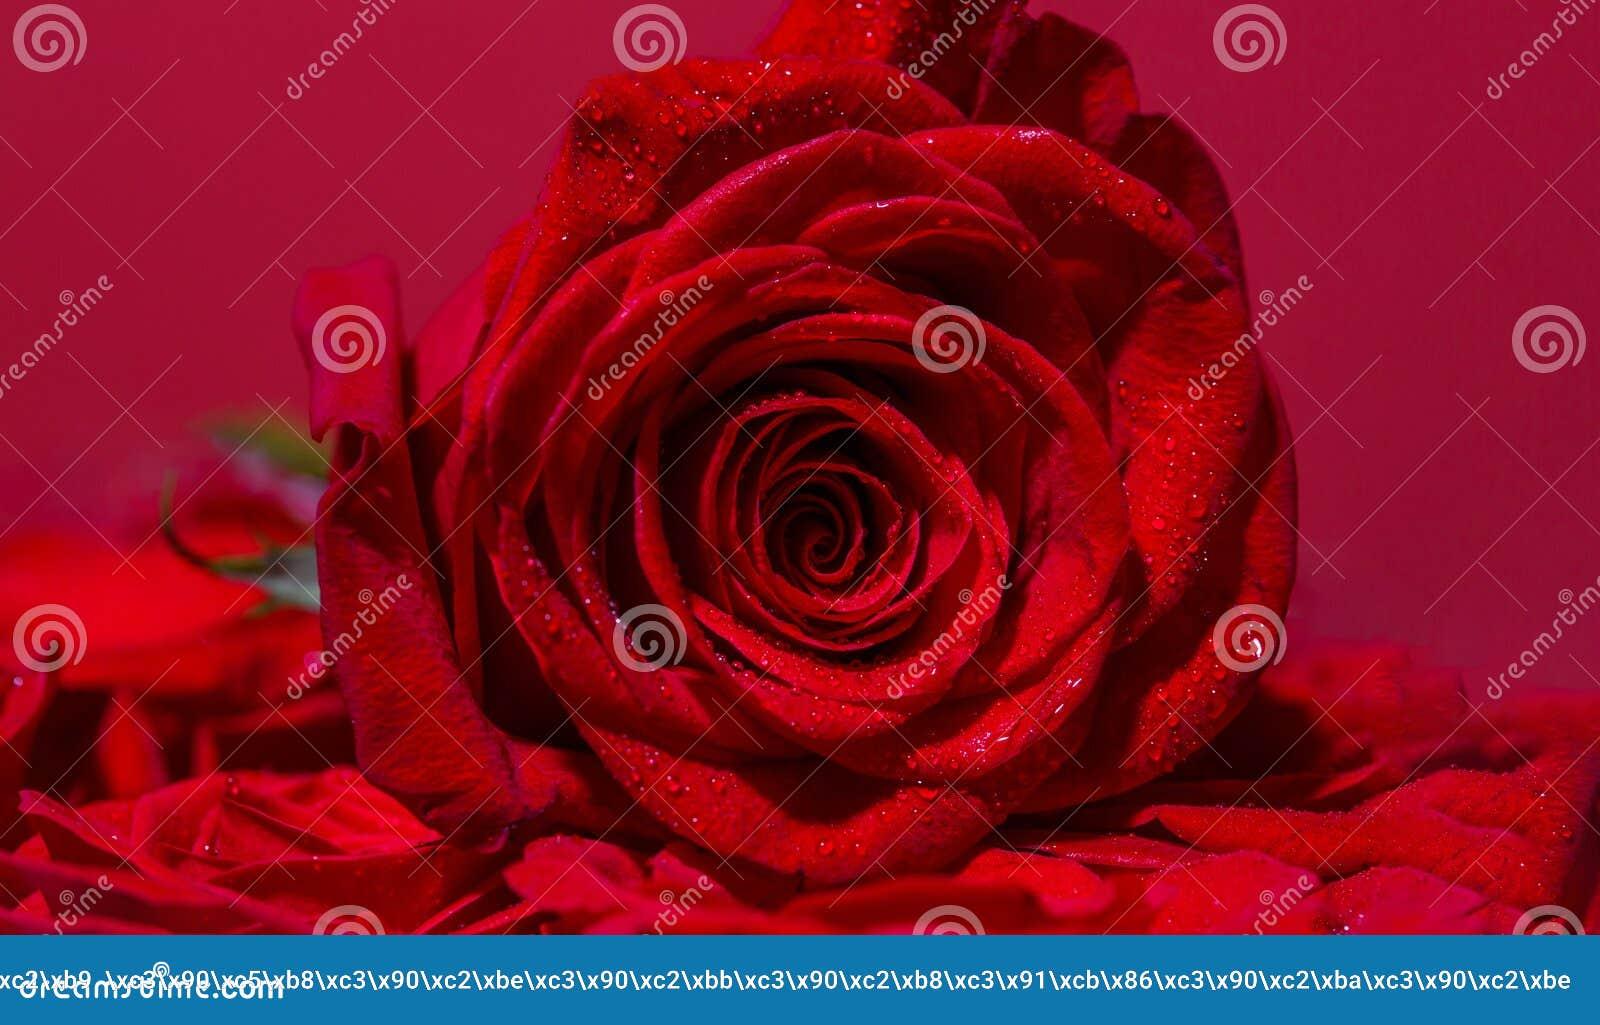 Φωτεινός κόκκινος αυξήθηκε για την ημέρα βαλεντίνων Τριαντάφυλλα στο ανθοπωλείο Ένα κόκκινο αυξήθηκε άνθιση τα πέταλα αυξήθηκαν τ